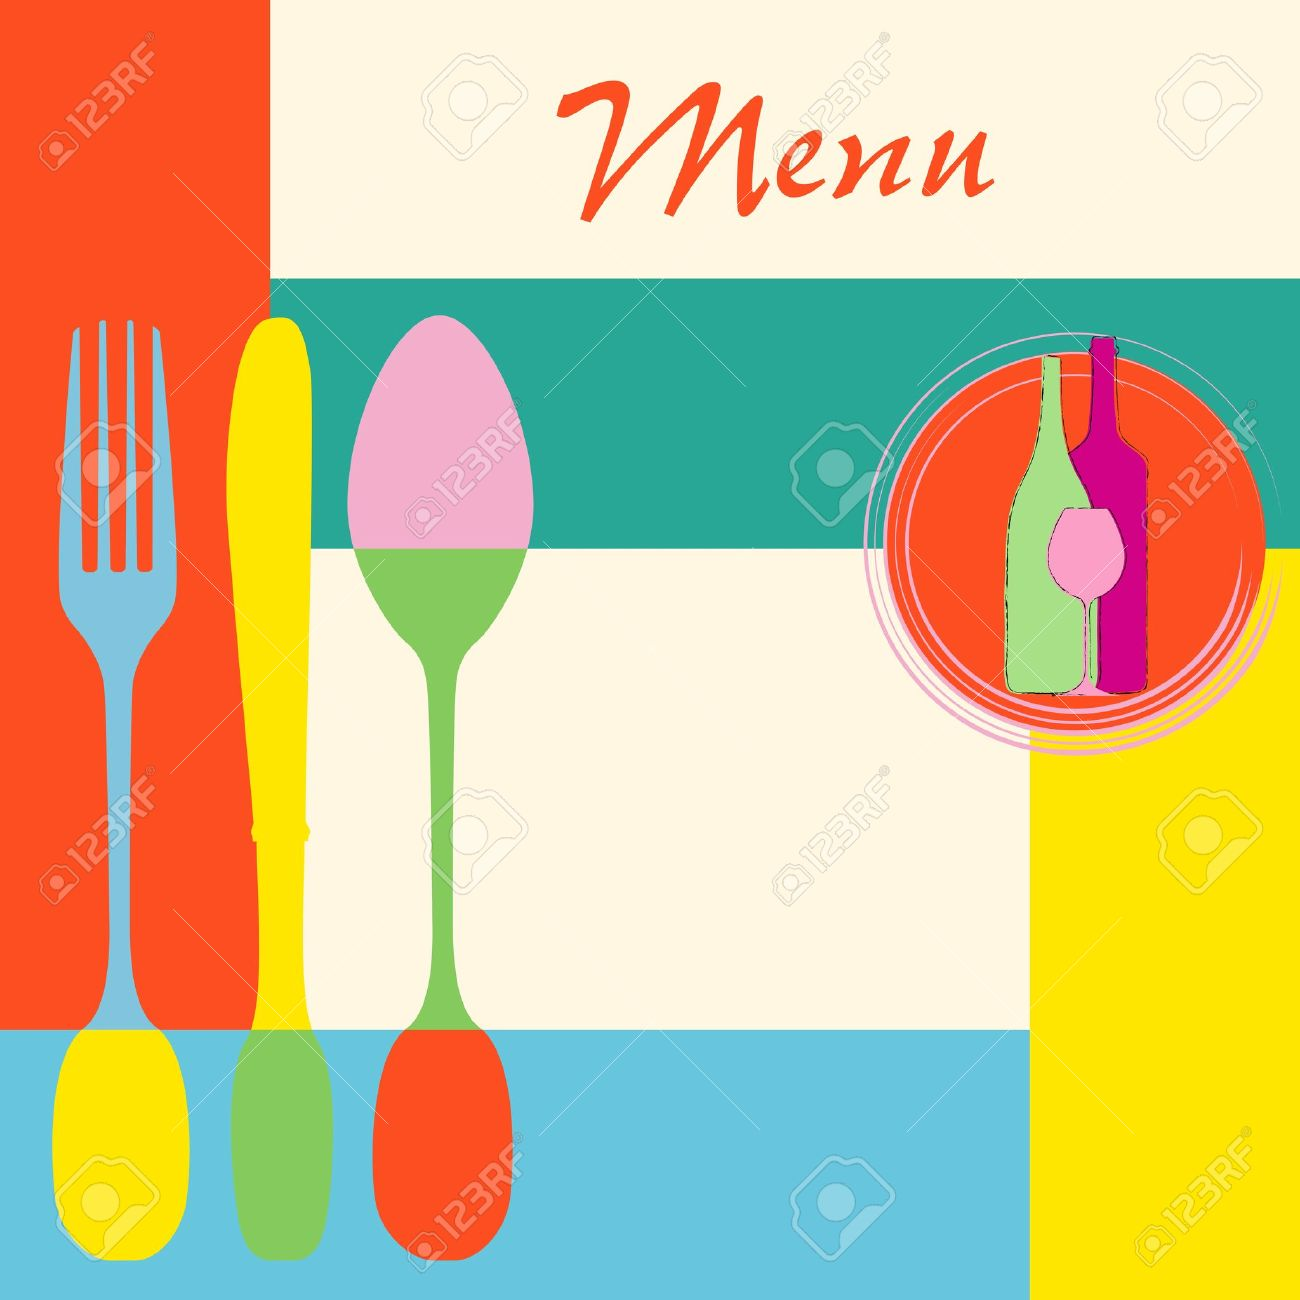 Tarjeta Del Menú Diseño De La Plantilla Para La Ilustración ...